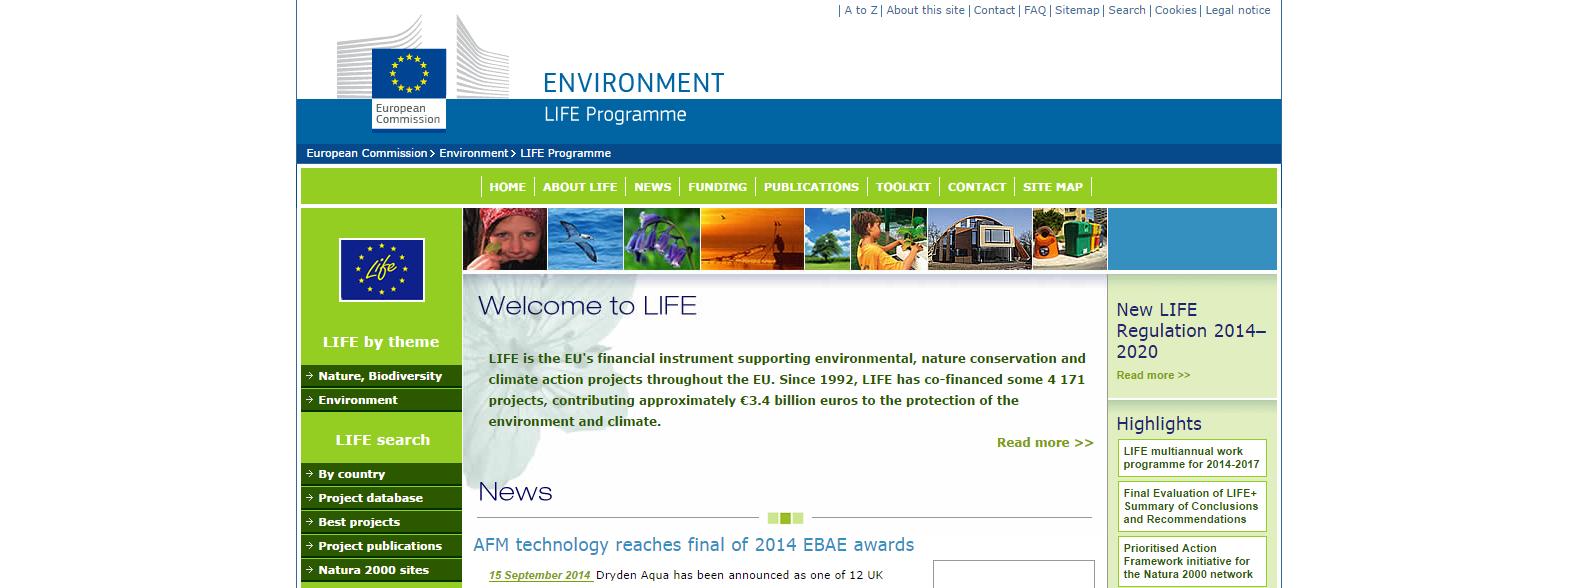 life_programme